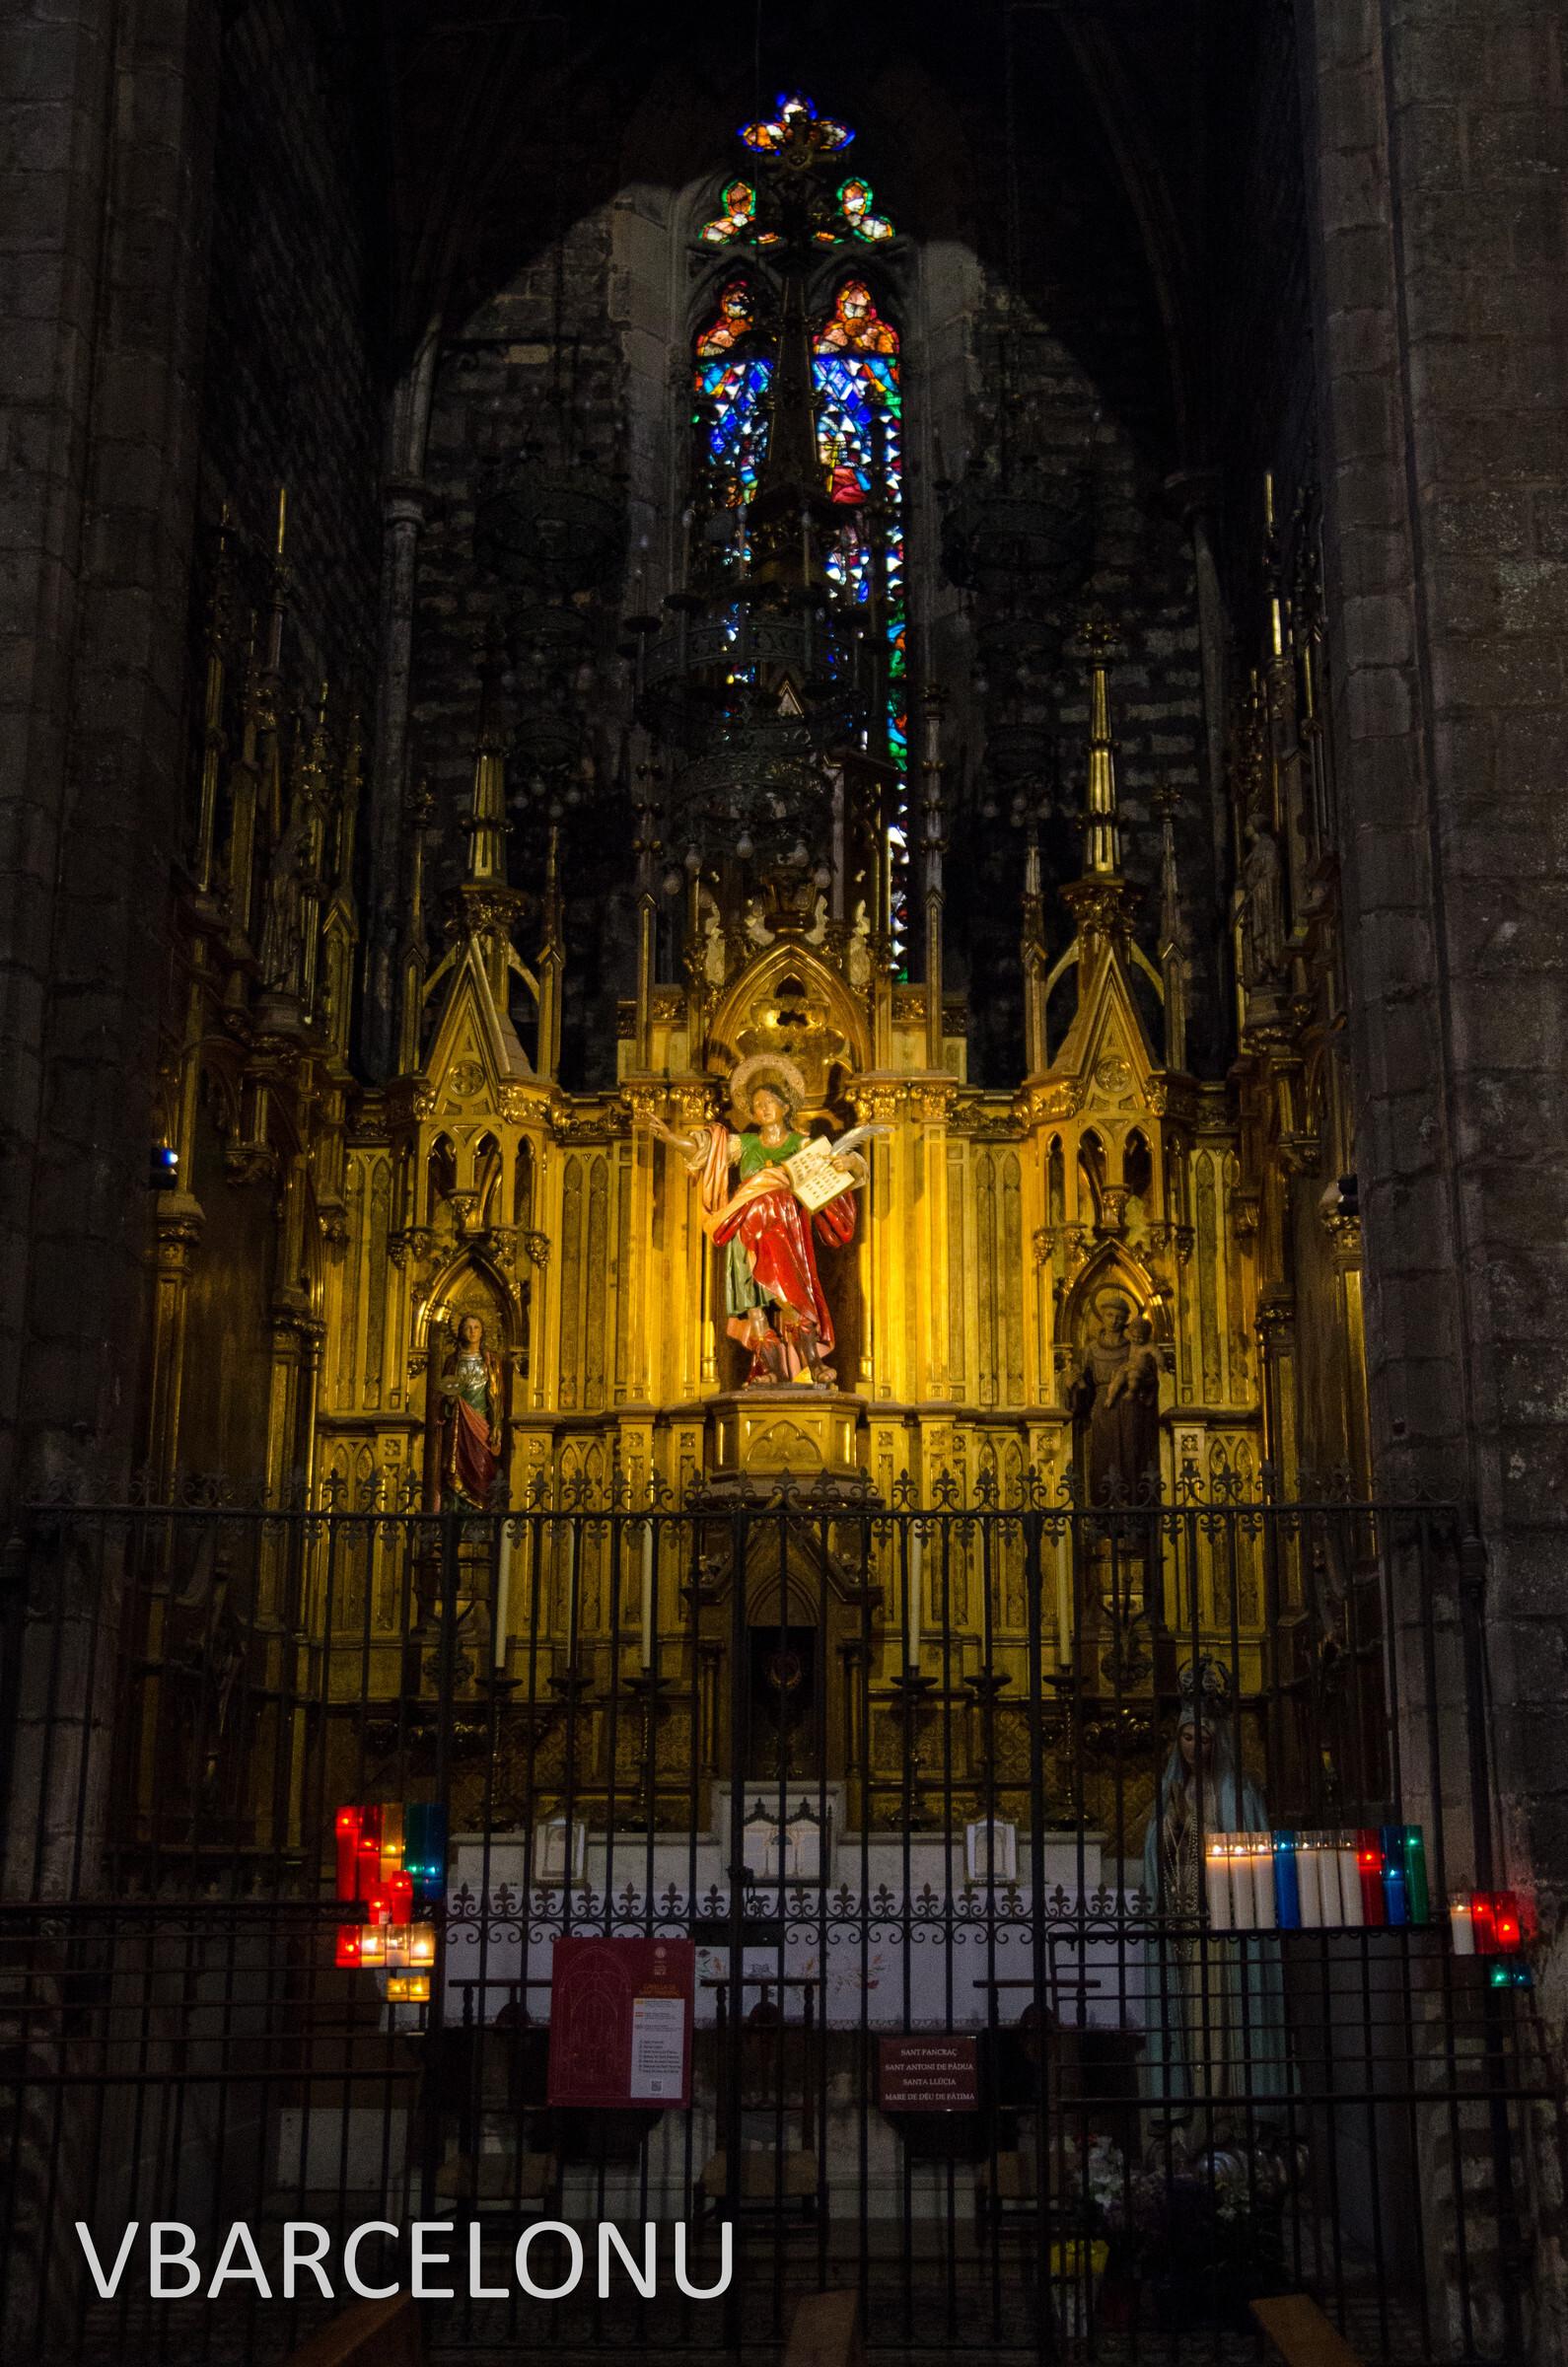 Один из пределов Кафедрального Собора, Готический квартал Барселоны